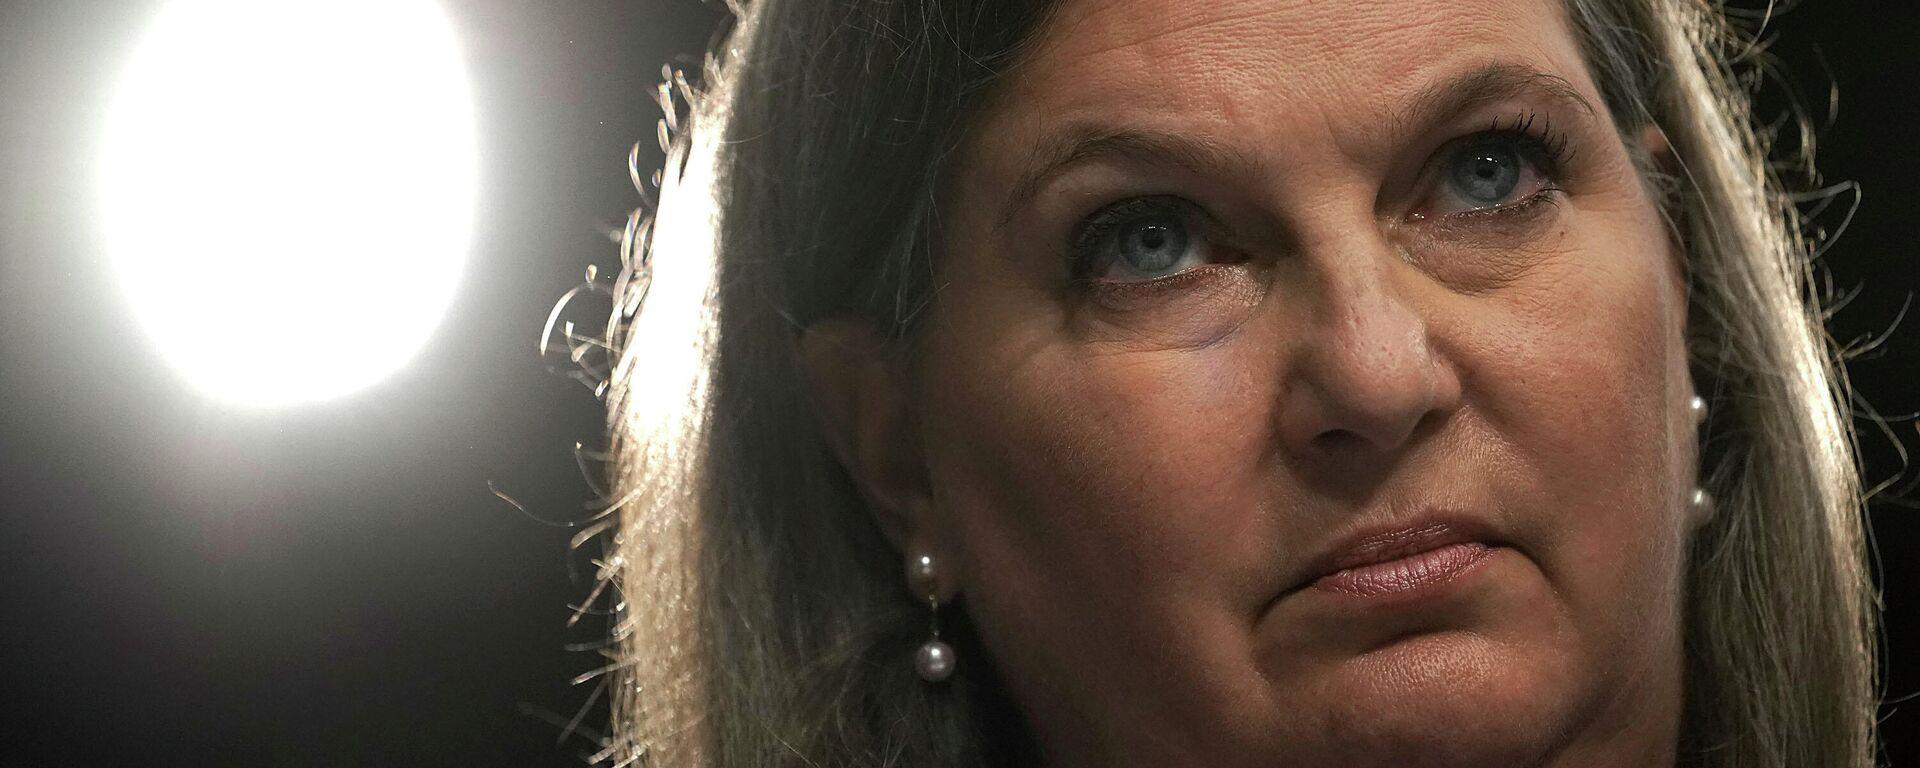 Die frühere stellvertretende Staatssekretärin für europäische und eurasische Angelegenheiten, Victoria Nuland, auf einer Anhörung vor dem Geheimdienstausschuss des Senats am 20. Juni 2018 auf dem Capitol Hill in Washington. - SNA, 1920, 13.01.2021